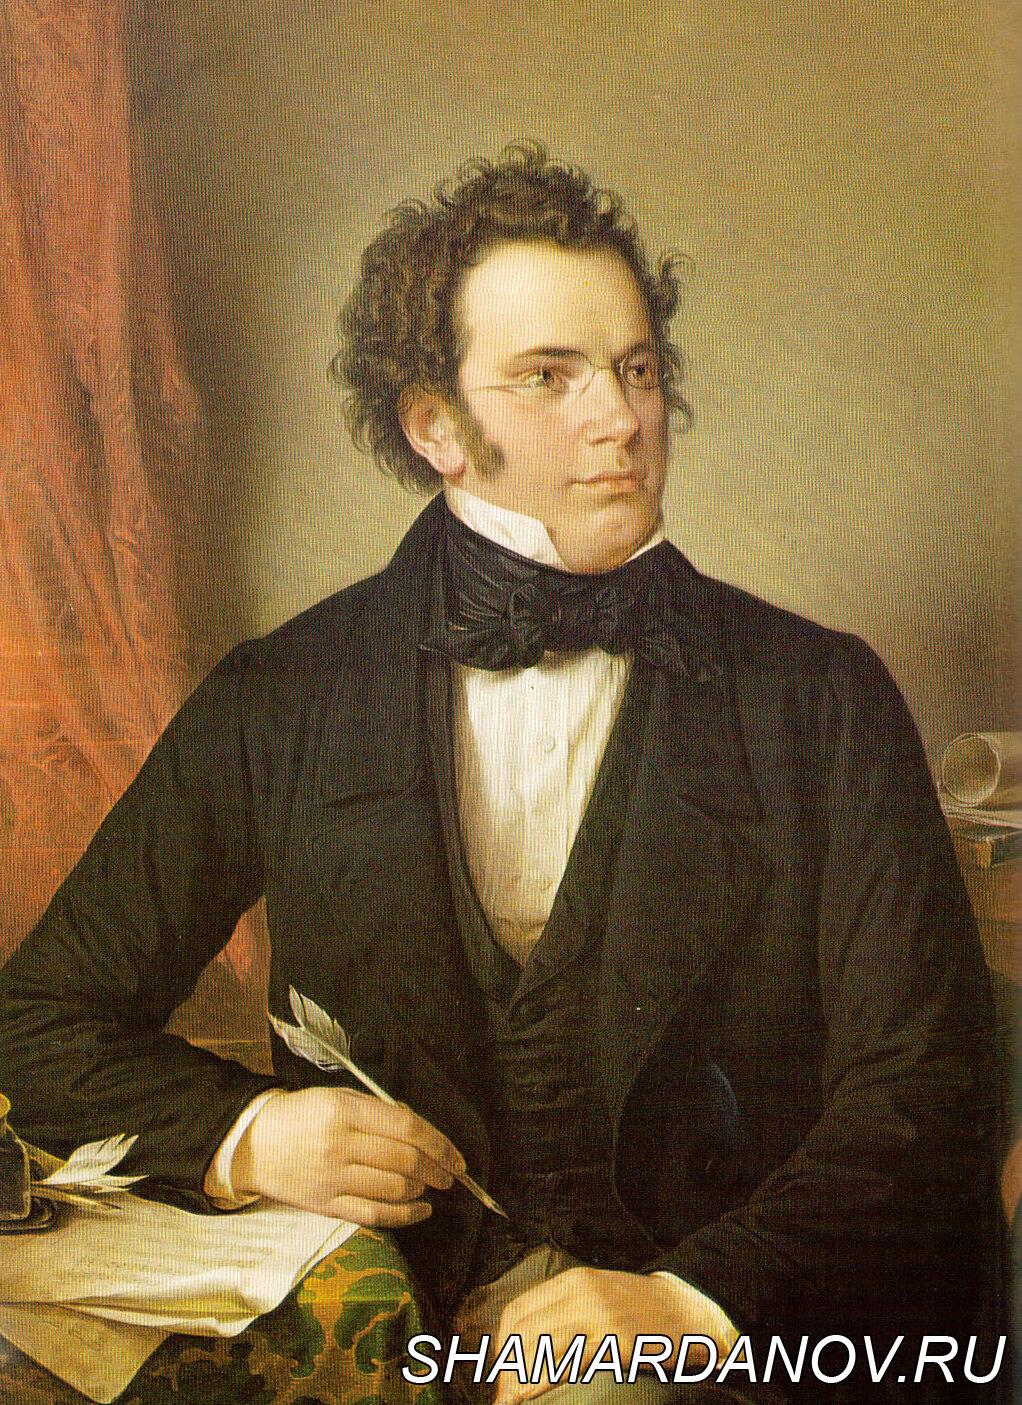 26 марта 1828 года состоялся единственный авторский концерт Франца Шуберта